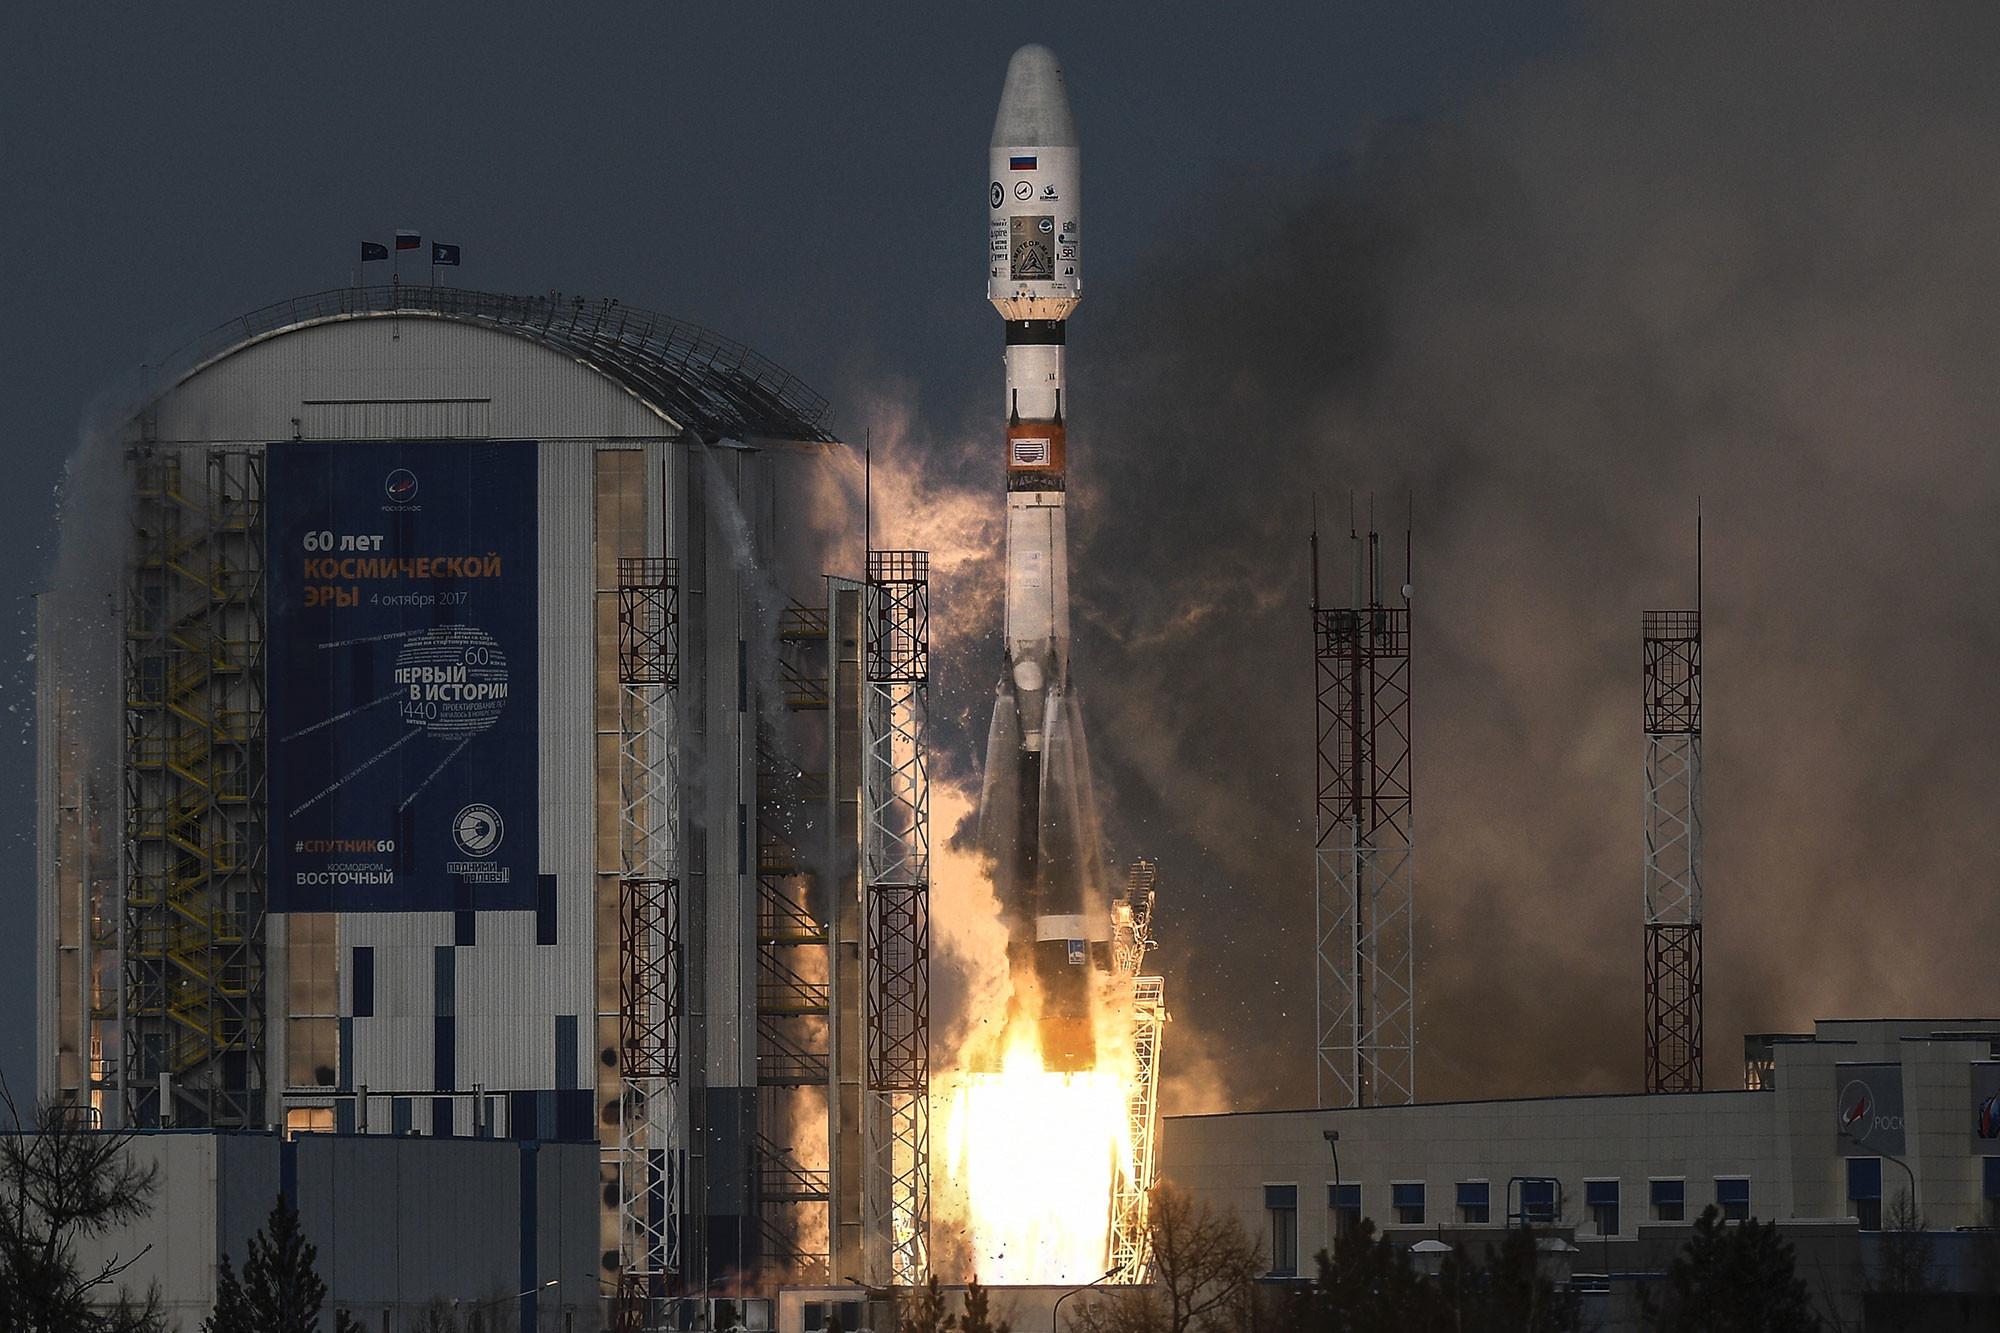 """Старт ракеты-носителя """"Союз-2.1б"""" с космическим аппаратом (КА) дистанционного зондирования Земли """"Метеор №2-1"""" и с 17 иностранными аппаратами с космодрома Восточный. Фото: © РИА Новости / Рамиль Ситдиков"""